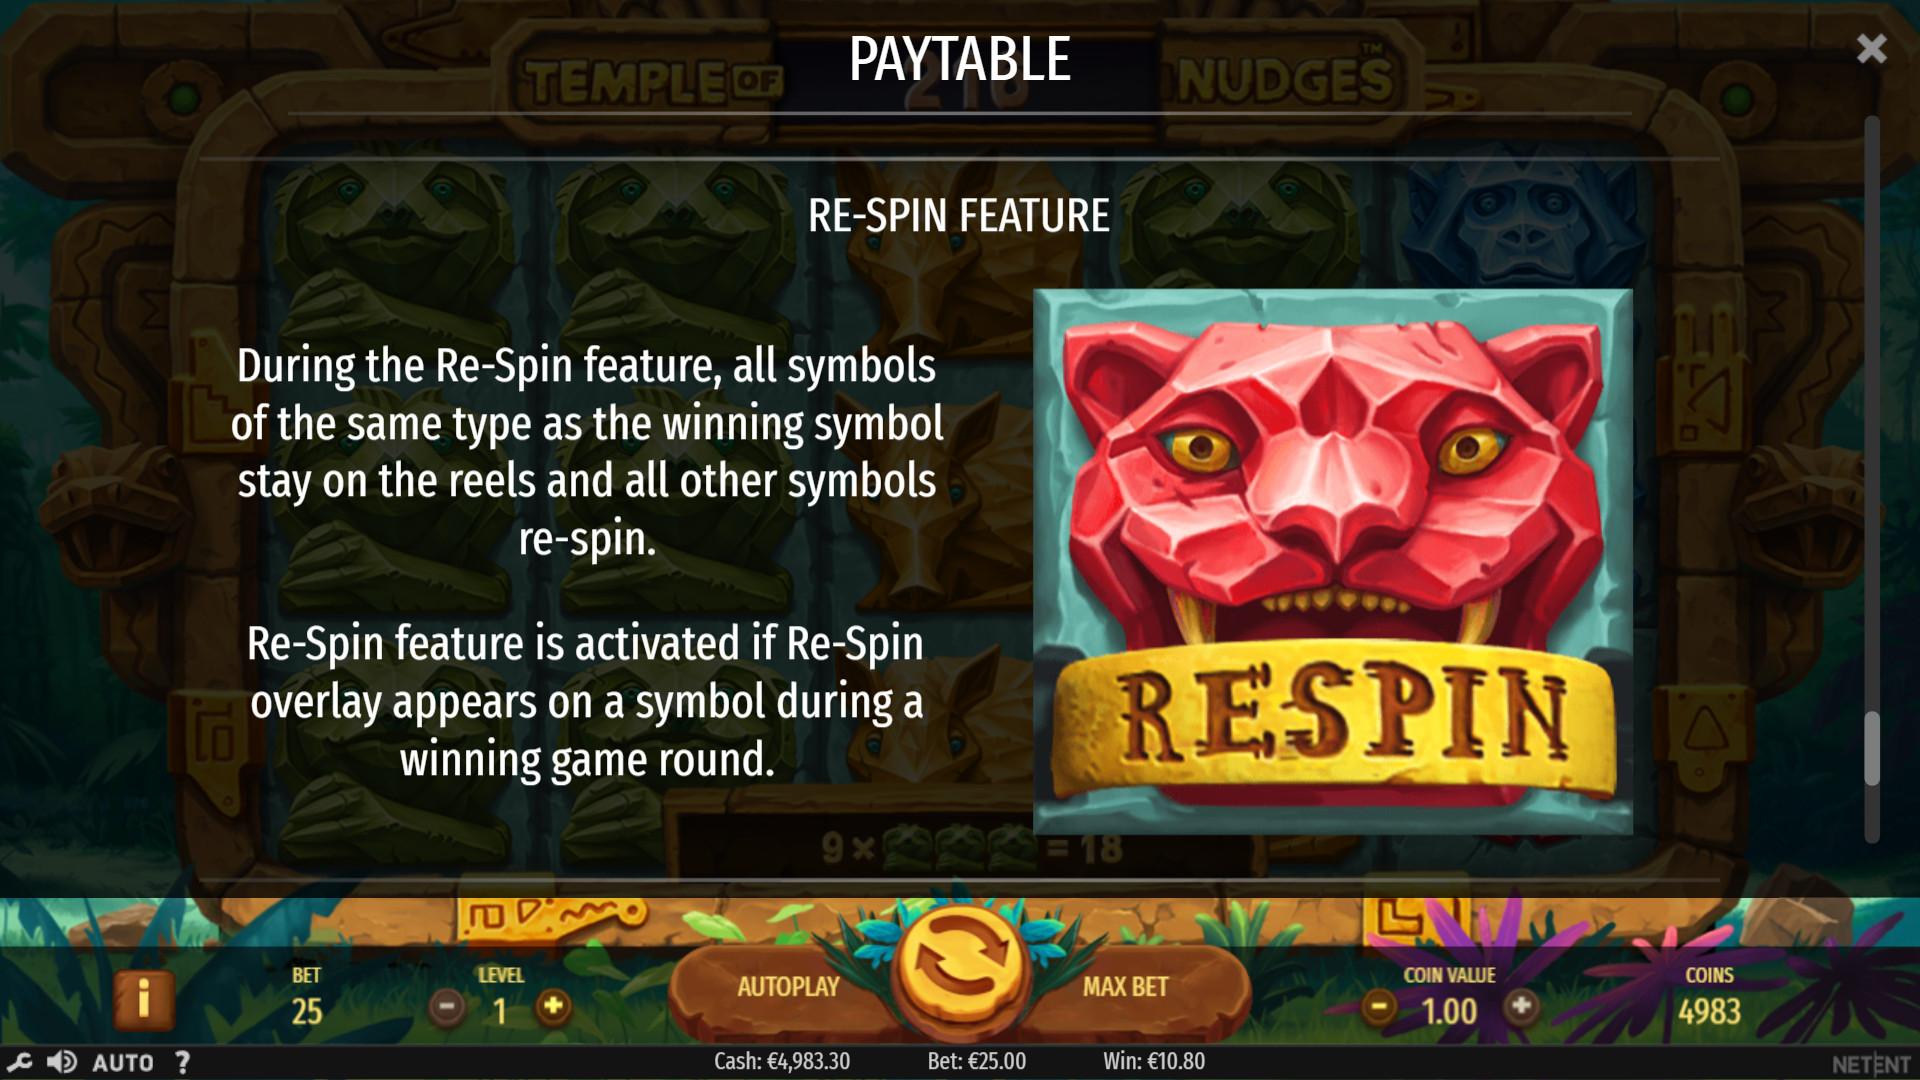 Игровой автомат Temple of Nudges играть онлайн на деньги в казино NetGame